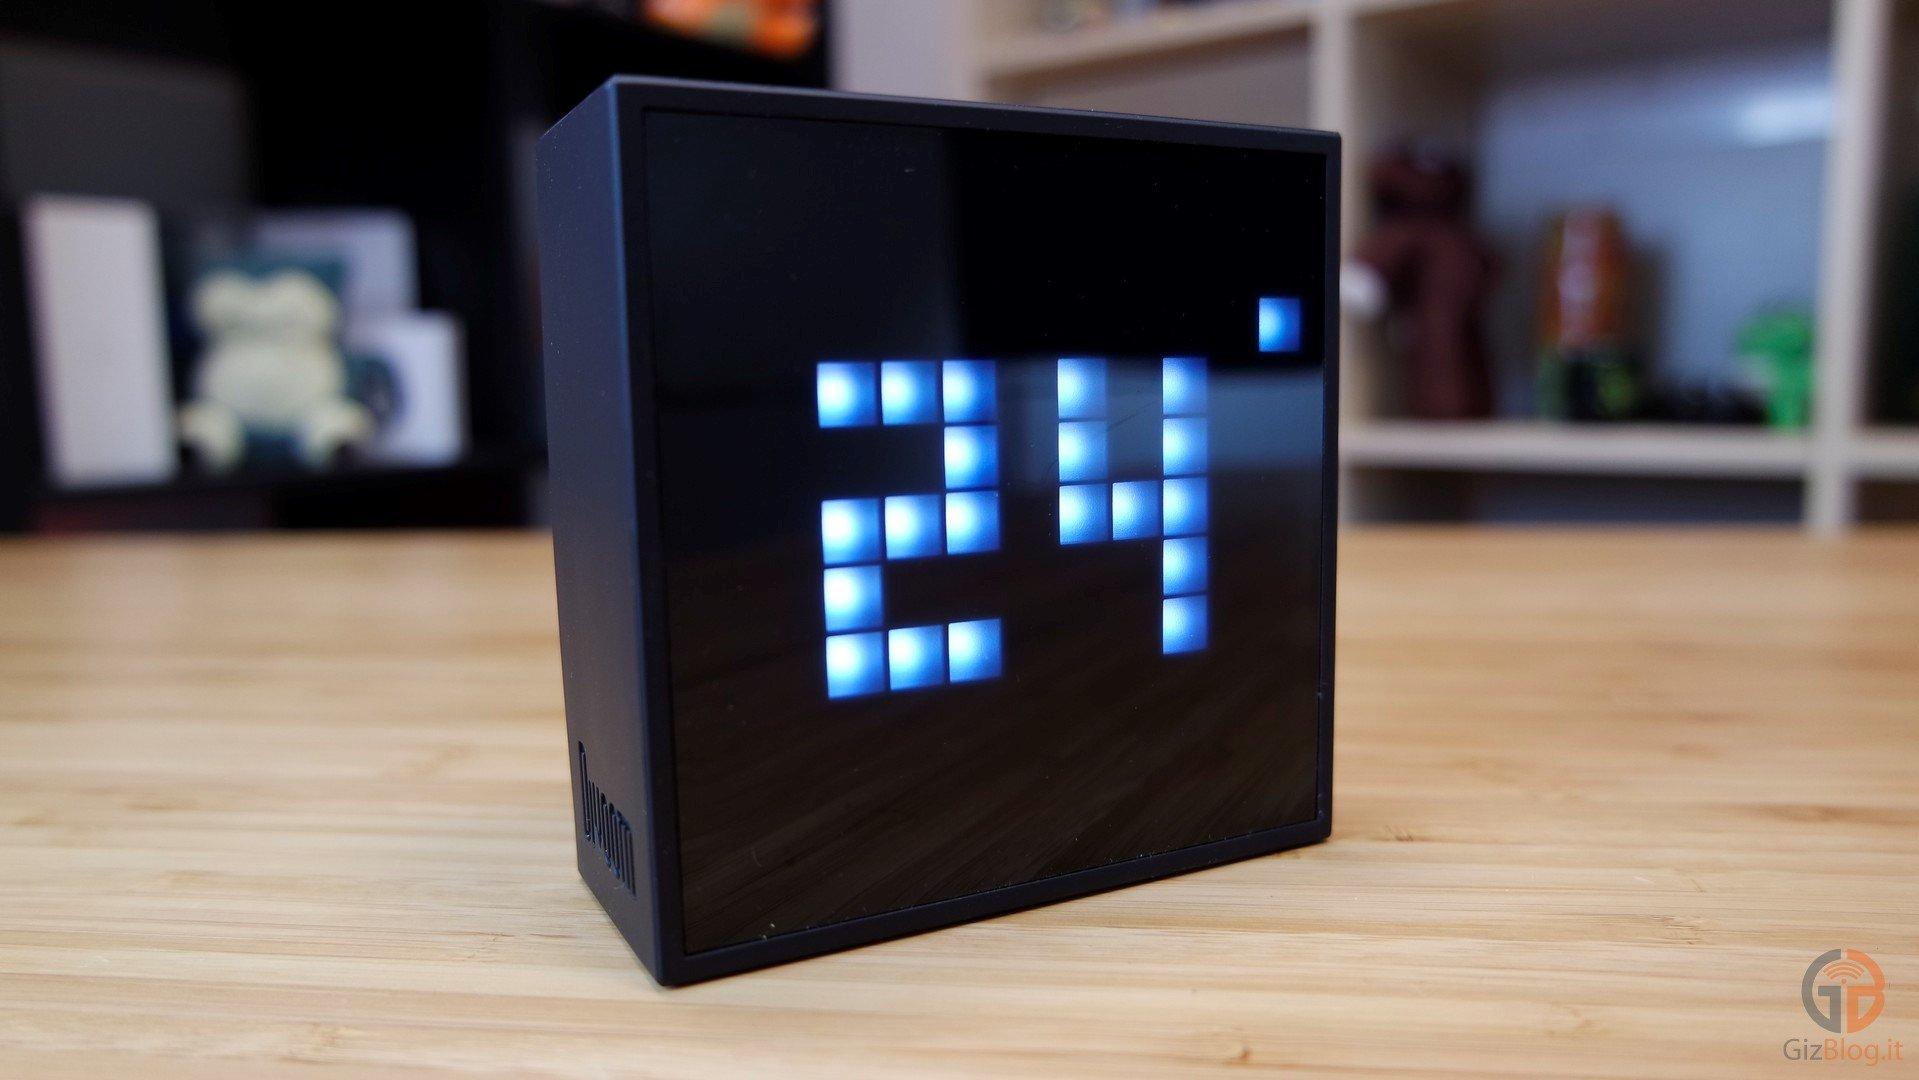 divoom timebox mini